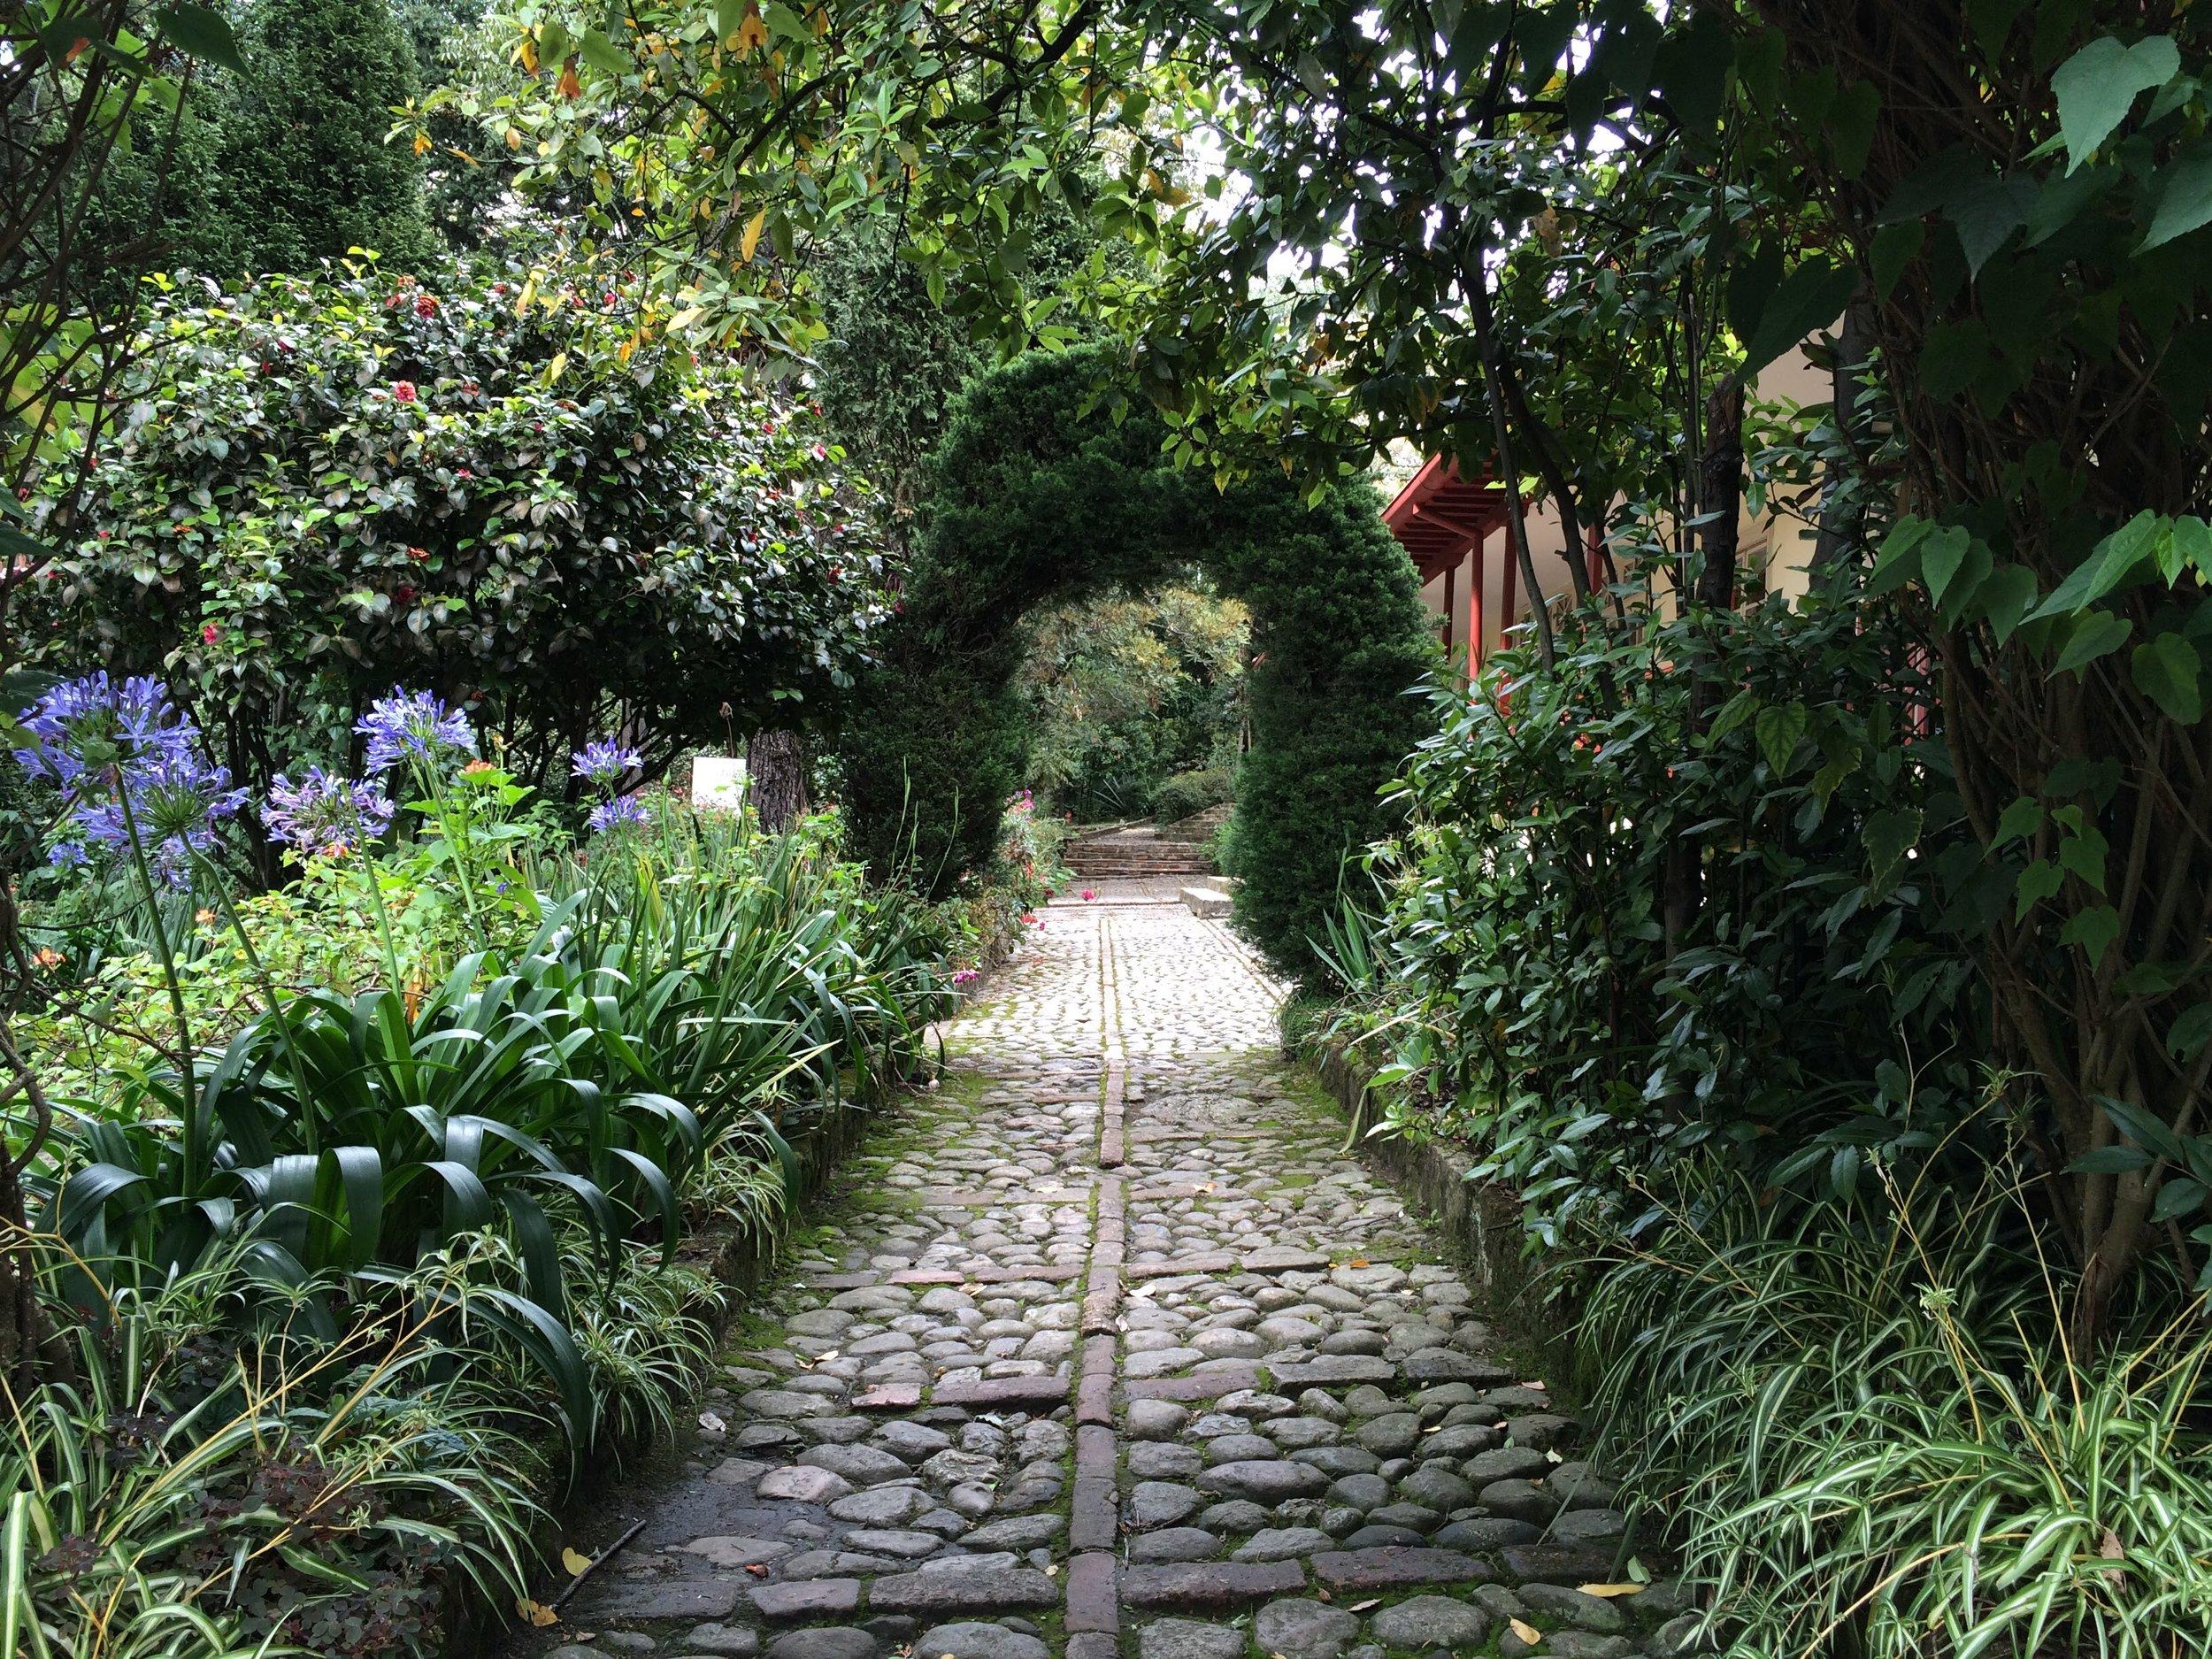 Bolívars a Garden in Bogotá, Colombia